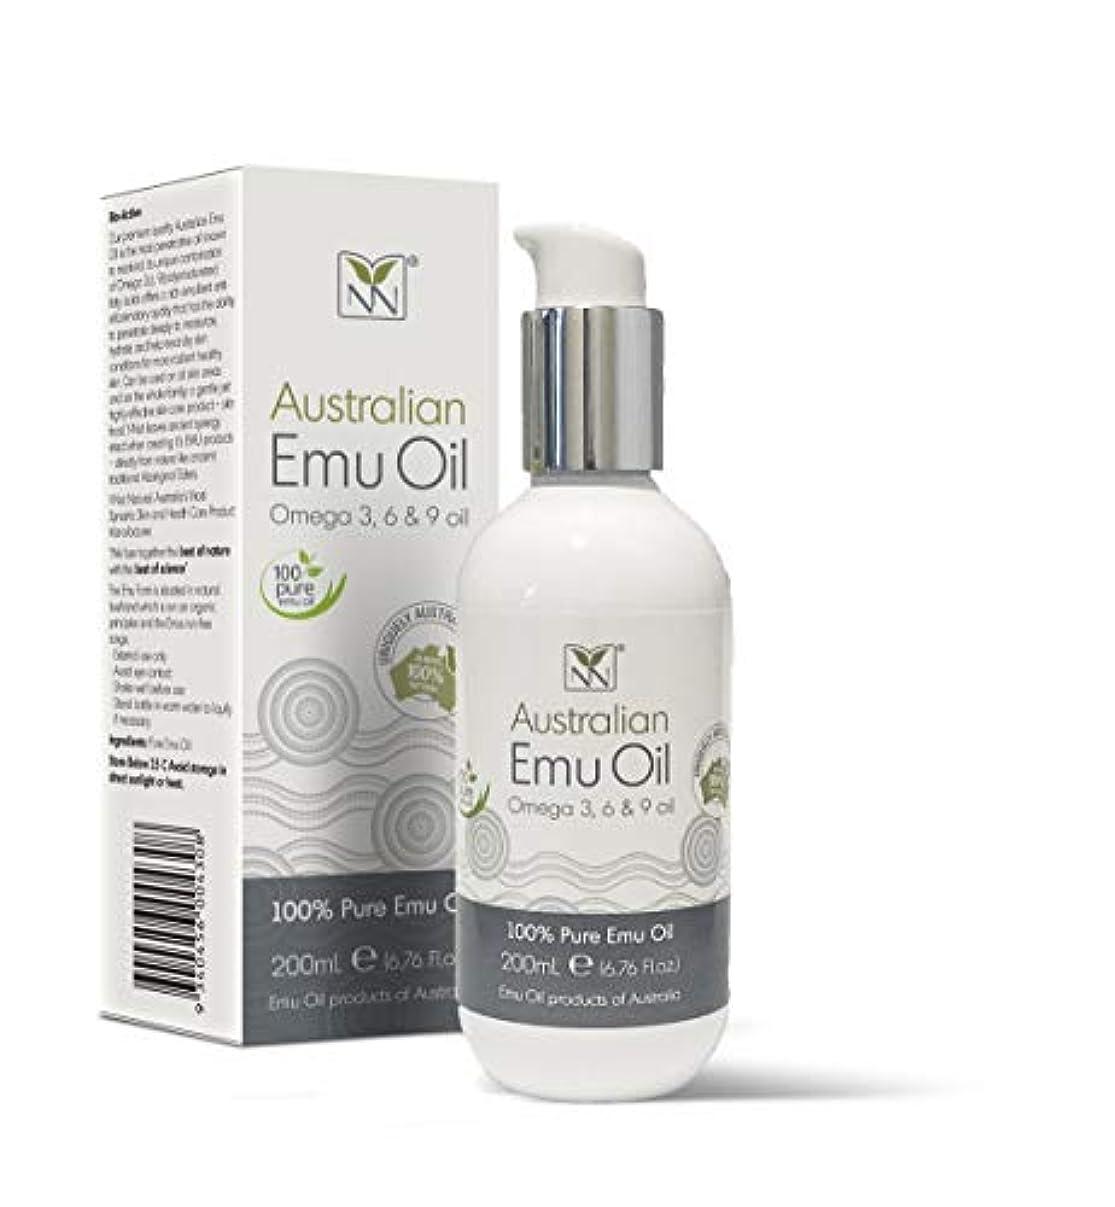 意図するスケルトンアナリストY Not Natural エミューオイル EMU OIL 無添加100% 保湿性 浸透性 抜群 プレミアム品質 エミュー油 (200 ml)